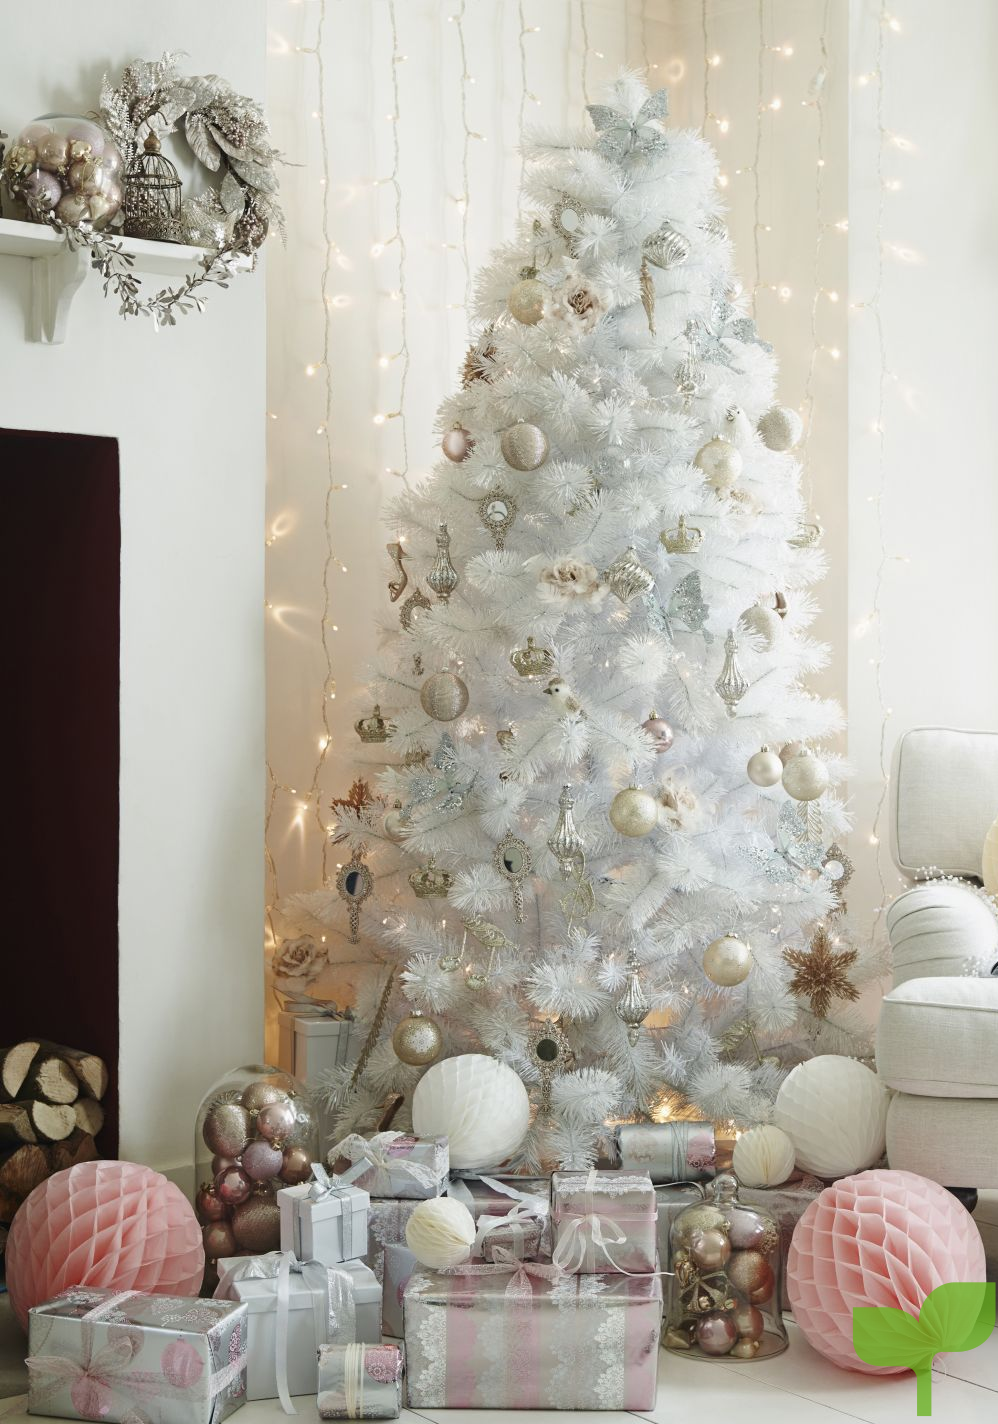 decorar árbol de navidad blanco - Ideas para la decoración del árbol de navidad